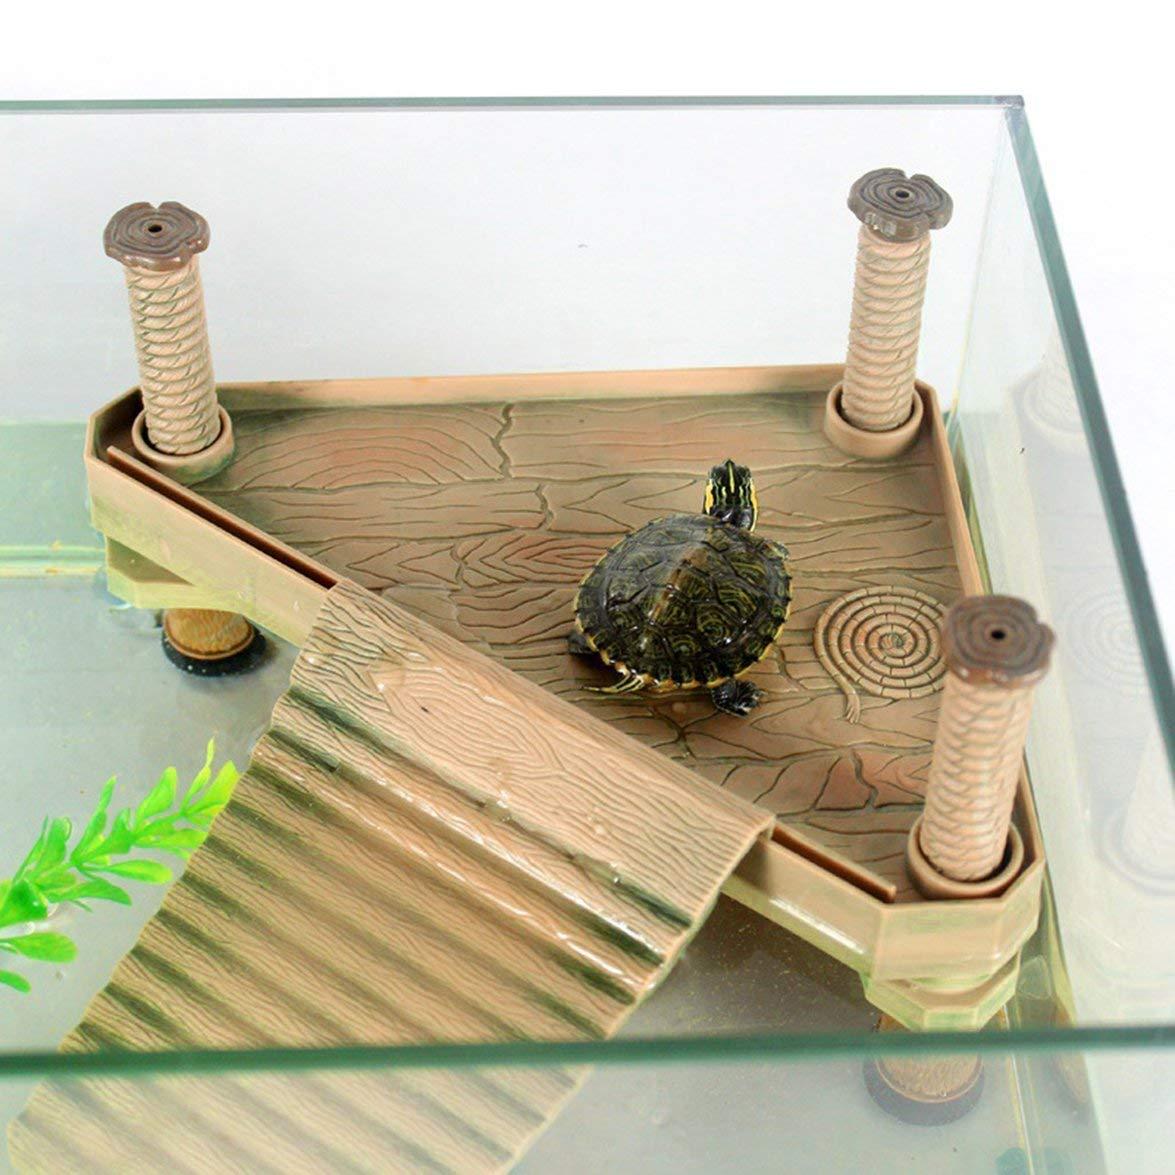 Kongqiabona /Écologique en Plastique Bo/îte Dock Animal Naturel Tortue Pier Dormir Plate-Forme Dock pour Aquarium Fish Tank D/écor